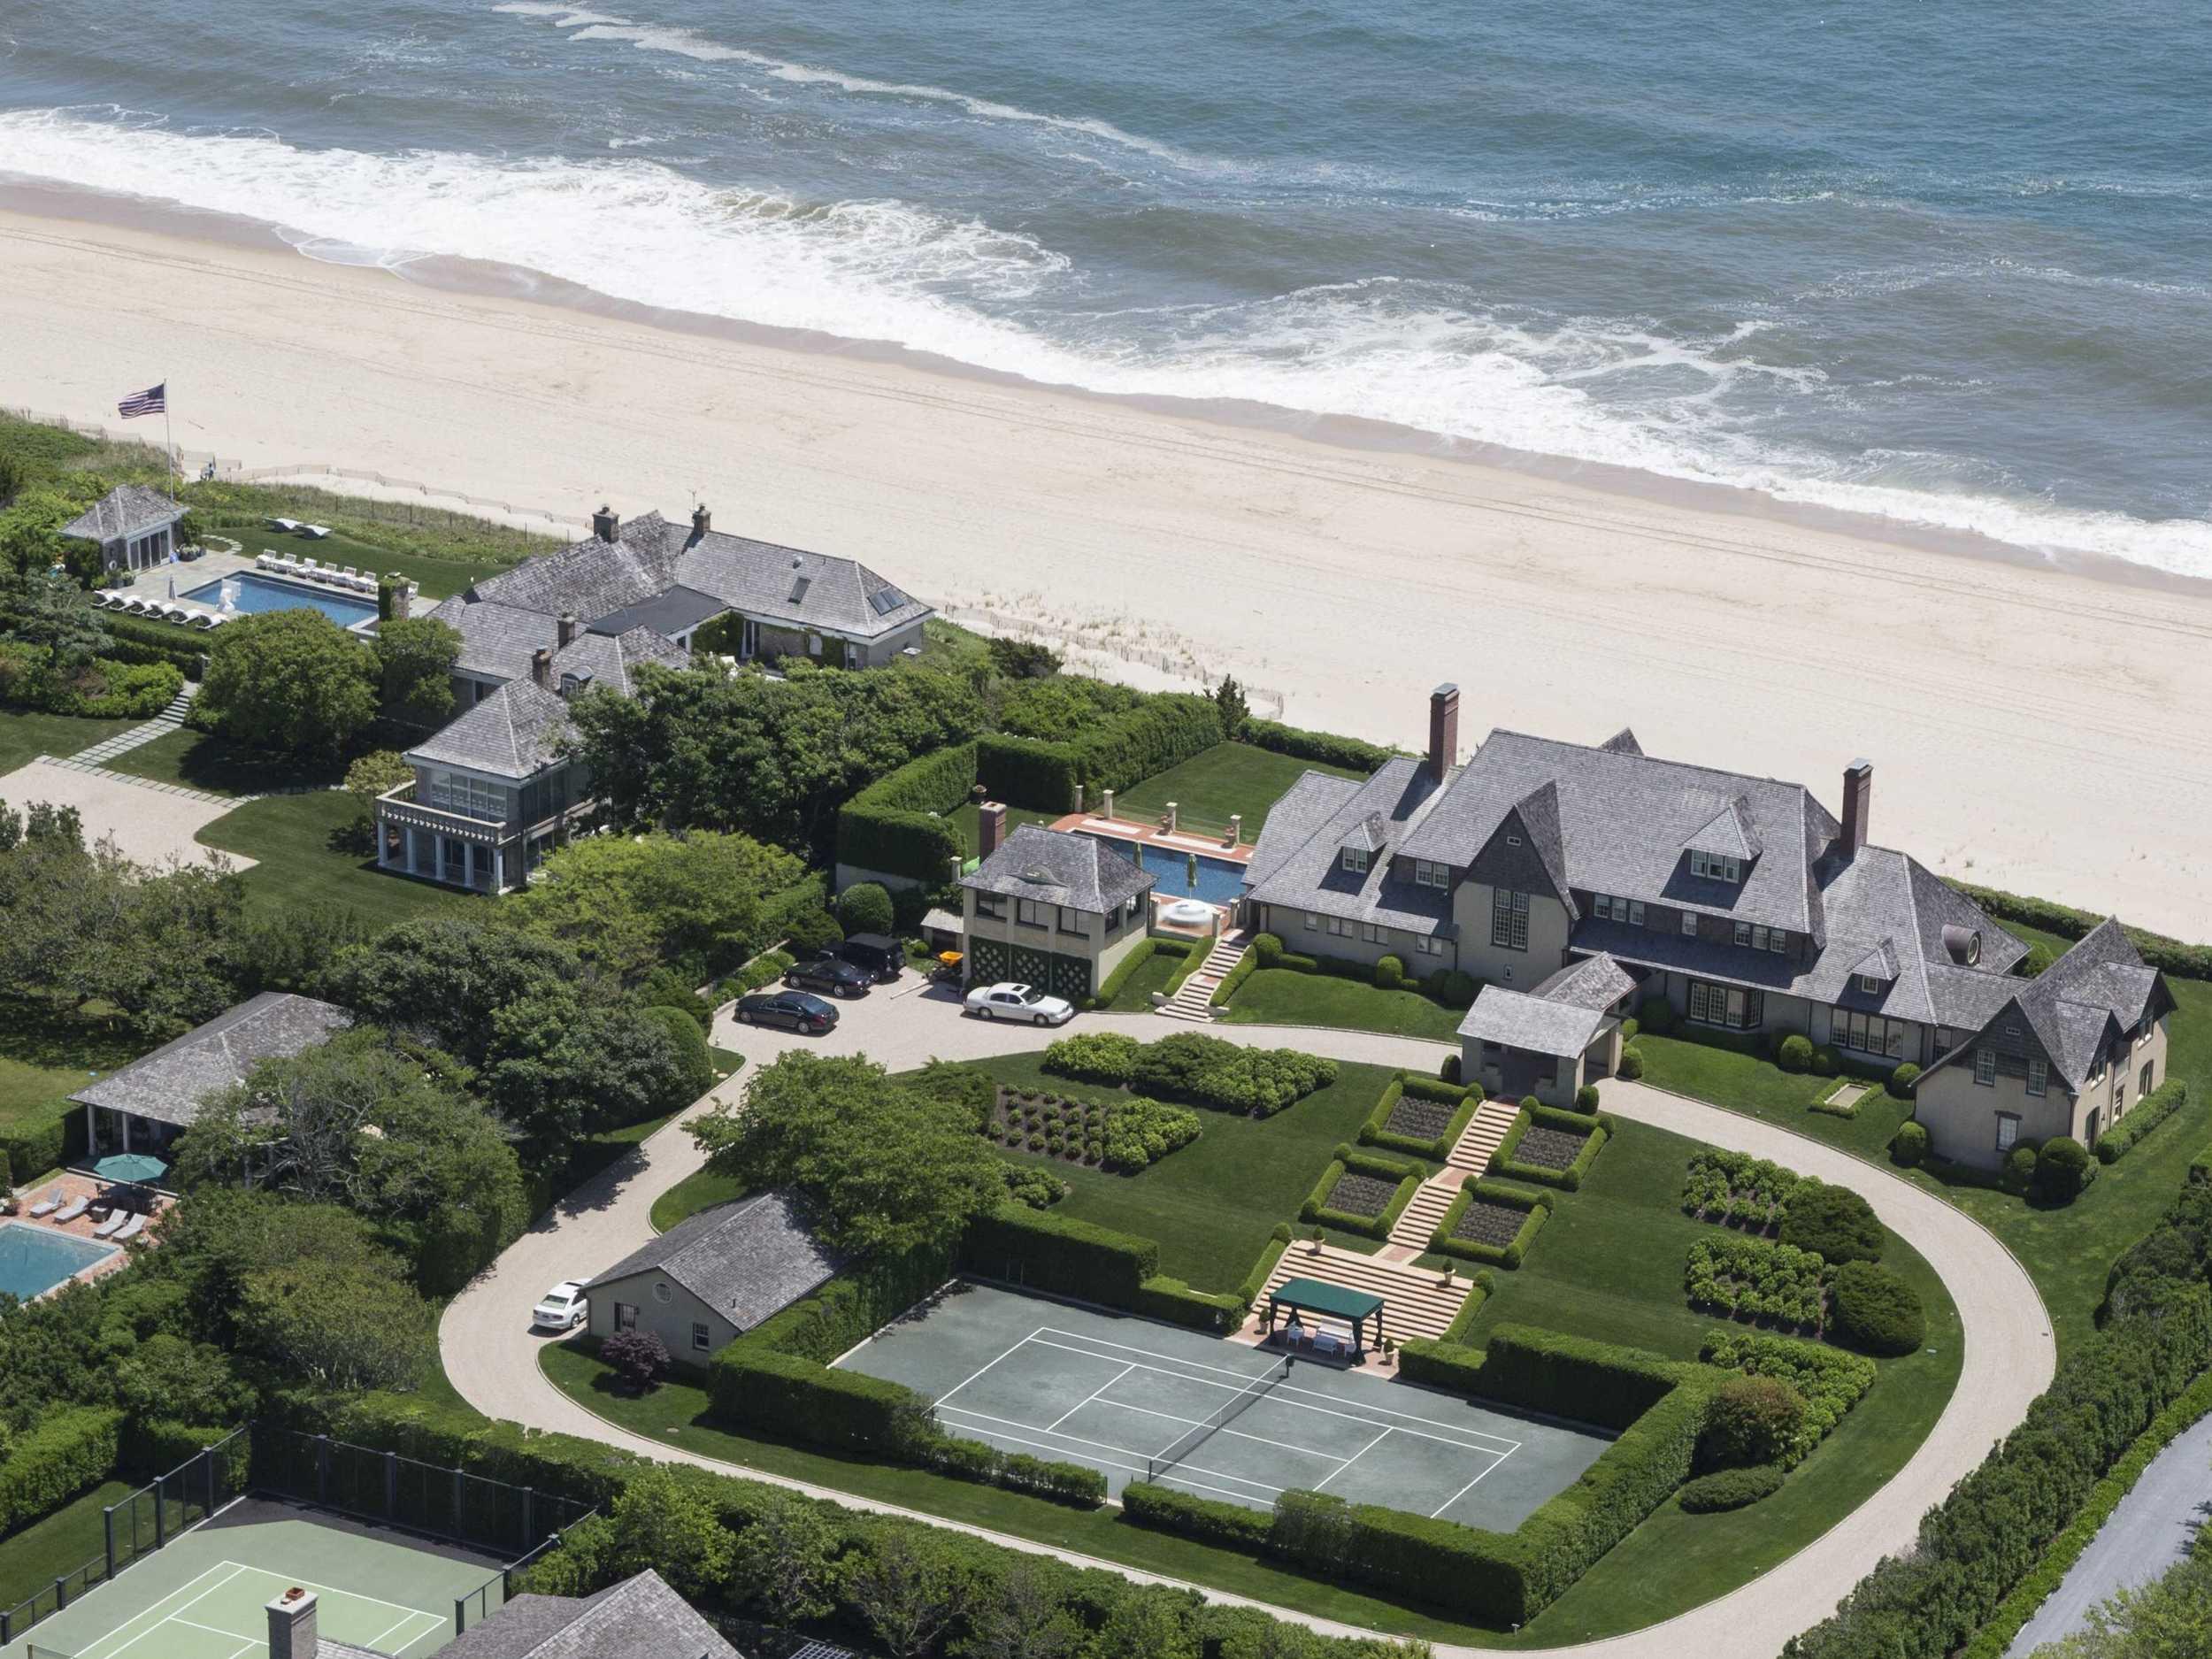 The Hamptons (Long Island), NY